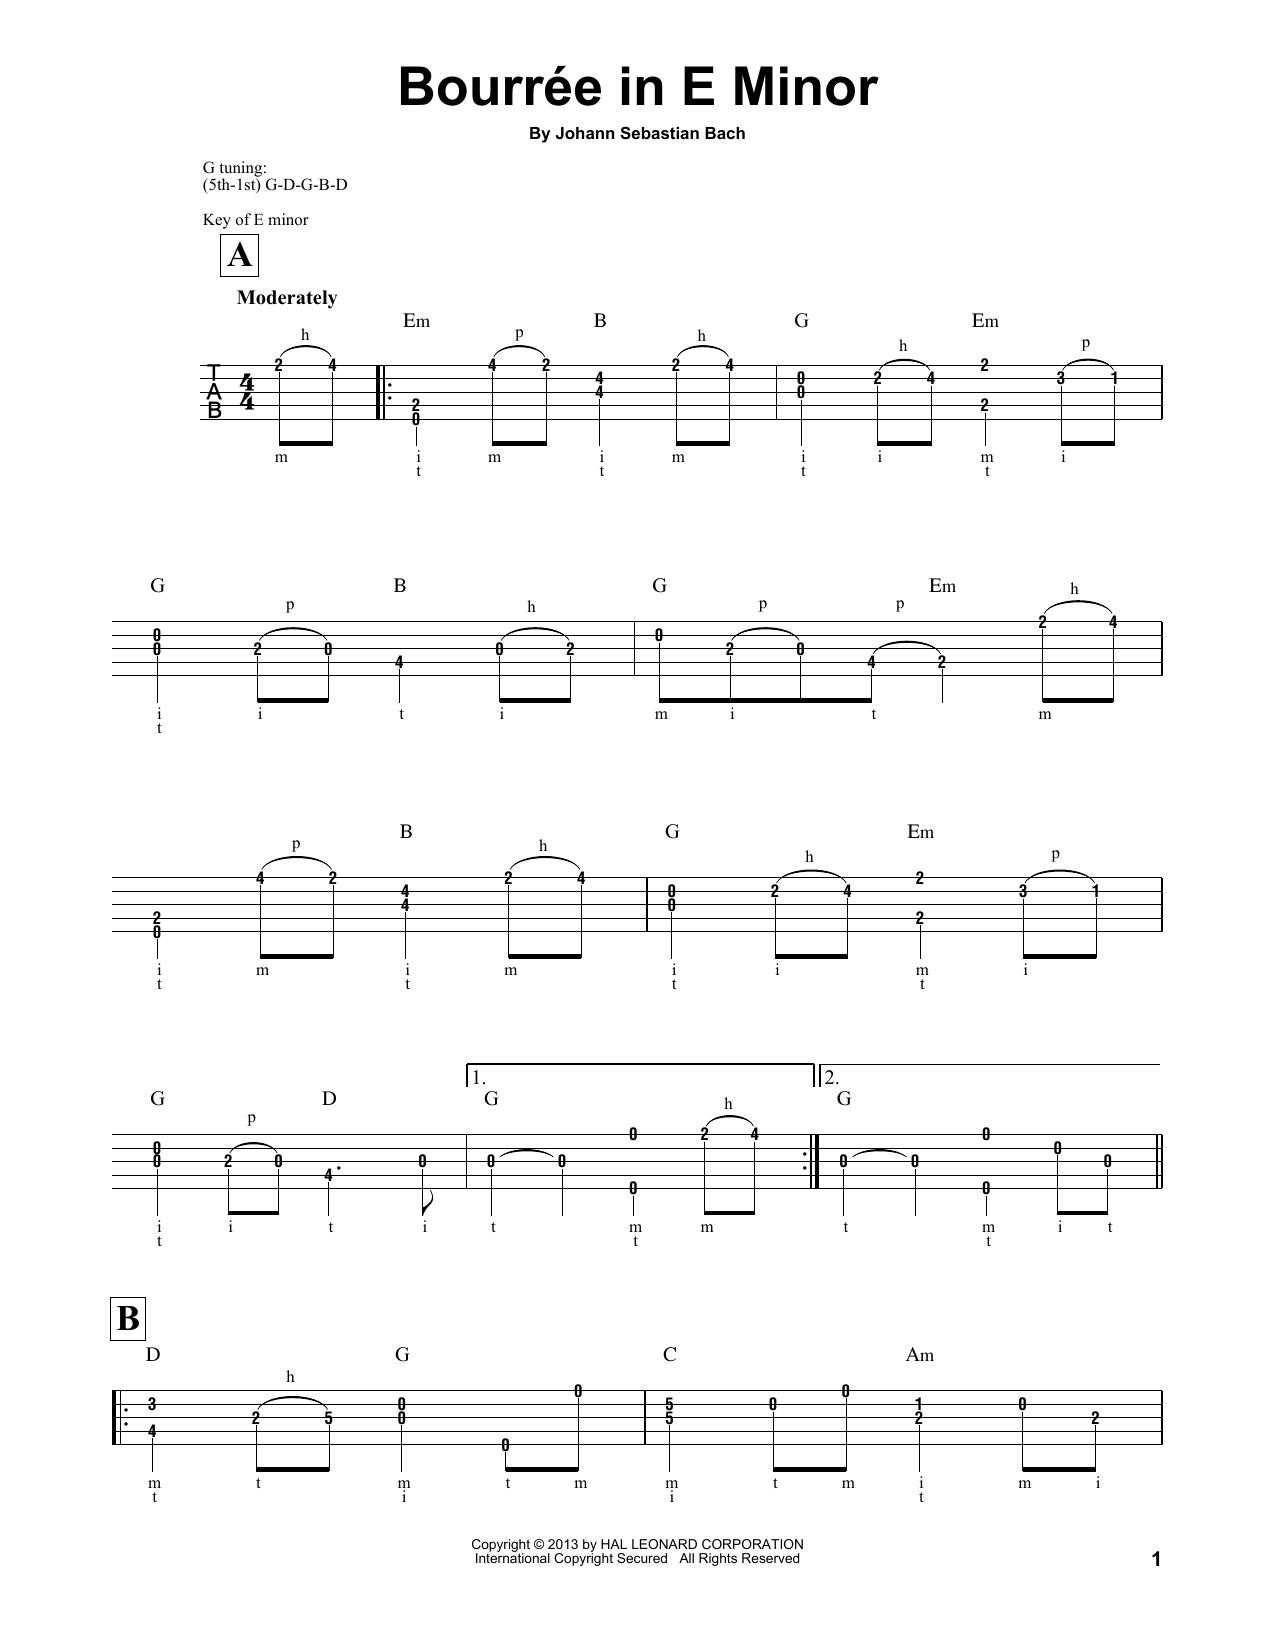 Bourree (Banjo Tab)